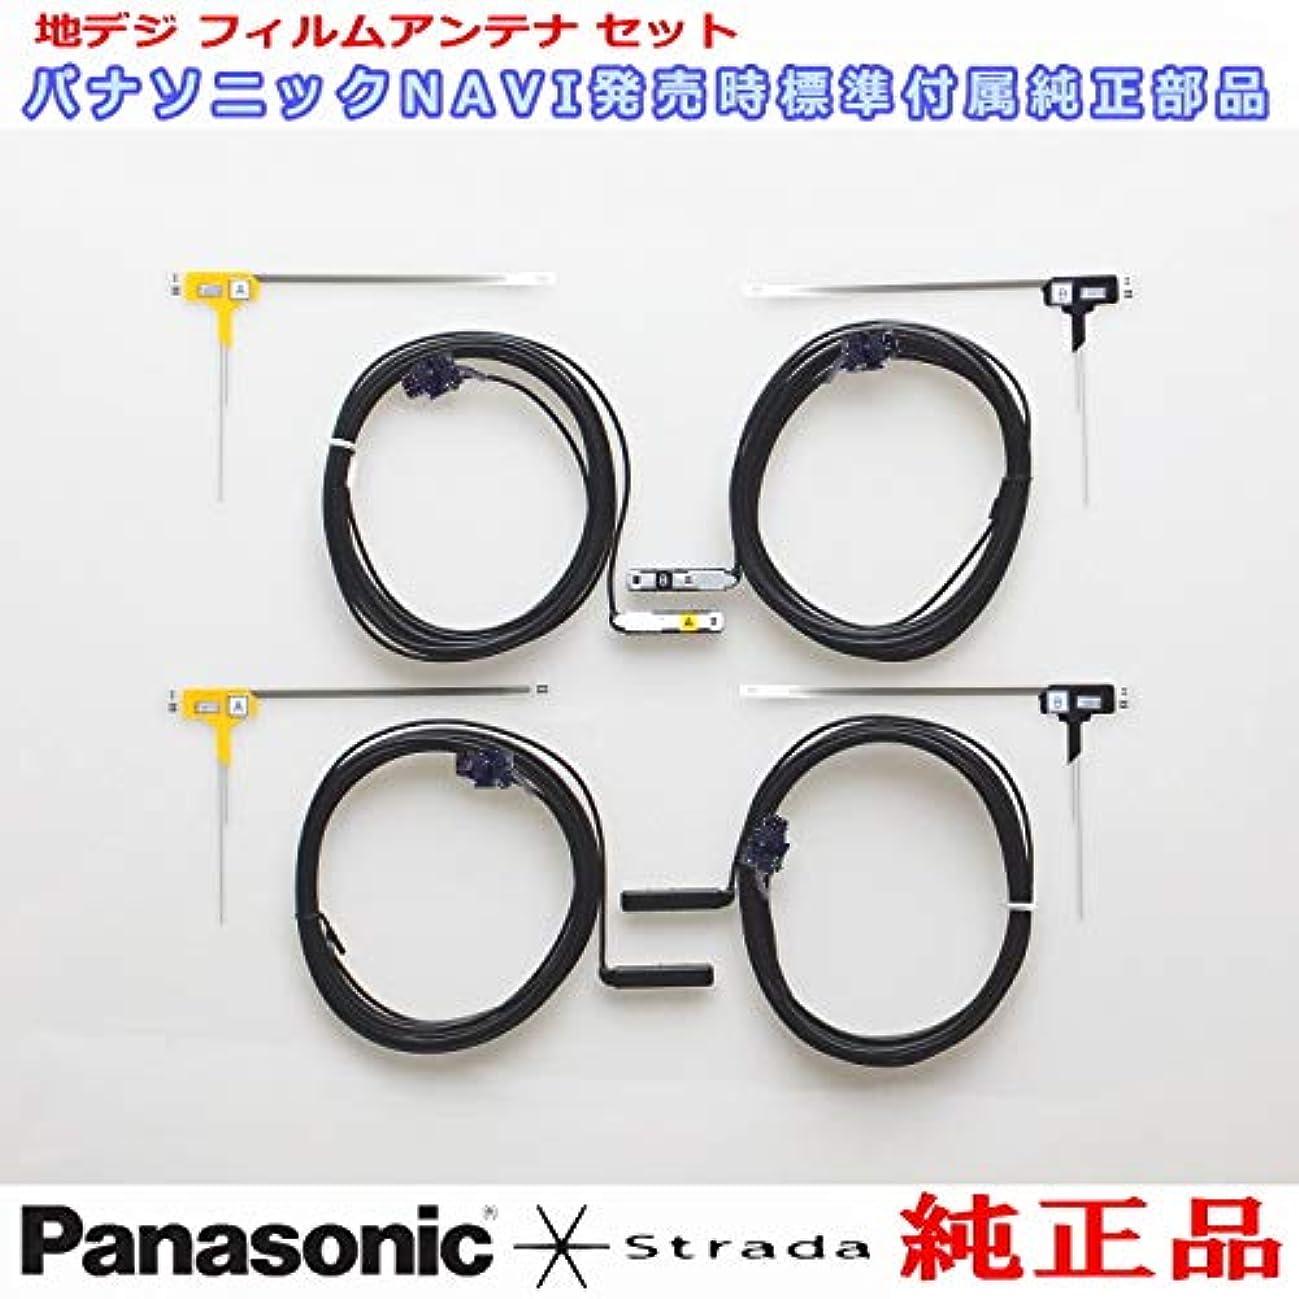 外科医まろやかな洋服地デジアンテナ Panasonic Strada TU-DTX400 安心の 純正品 地デジ フィルム アンテナ コード & GPS 金属シート Set (PD2ks